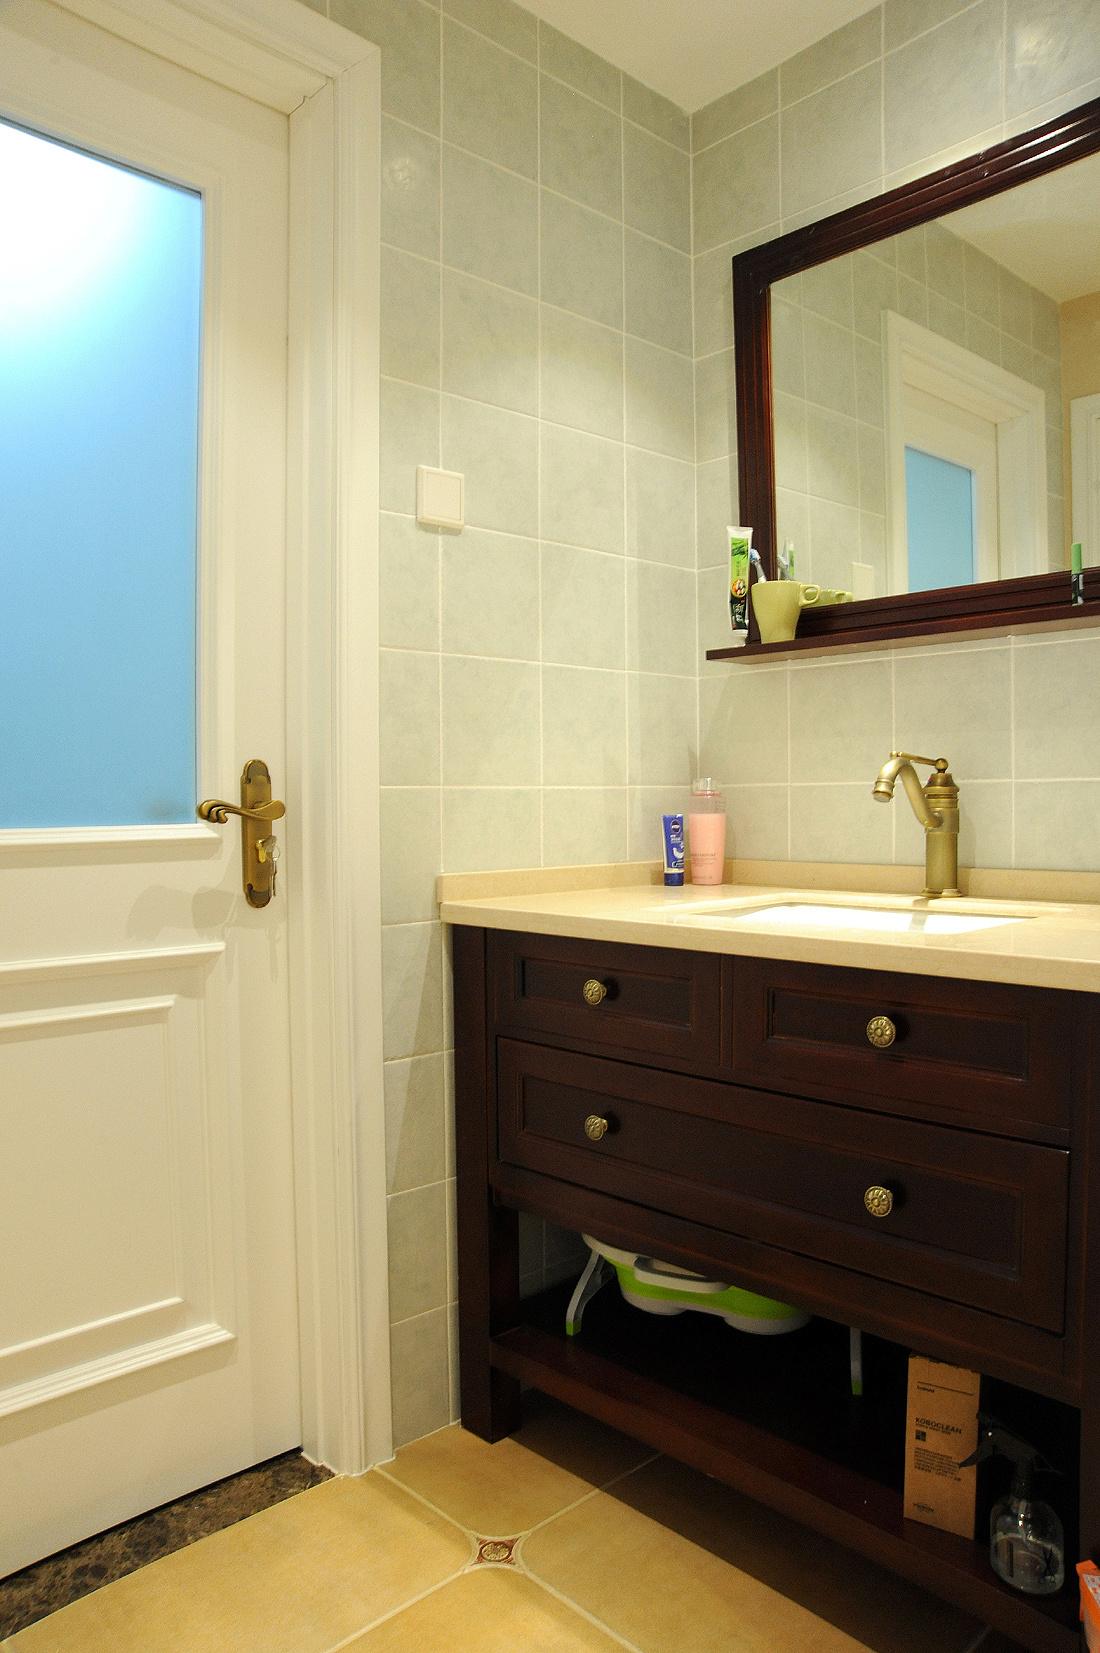 简约 美式 三居 90后 沪上名家 卫生间图片来自沪上名家装饰在奶咖色简美风醉美的分享